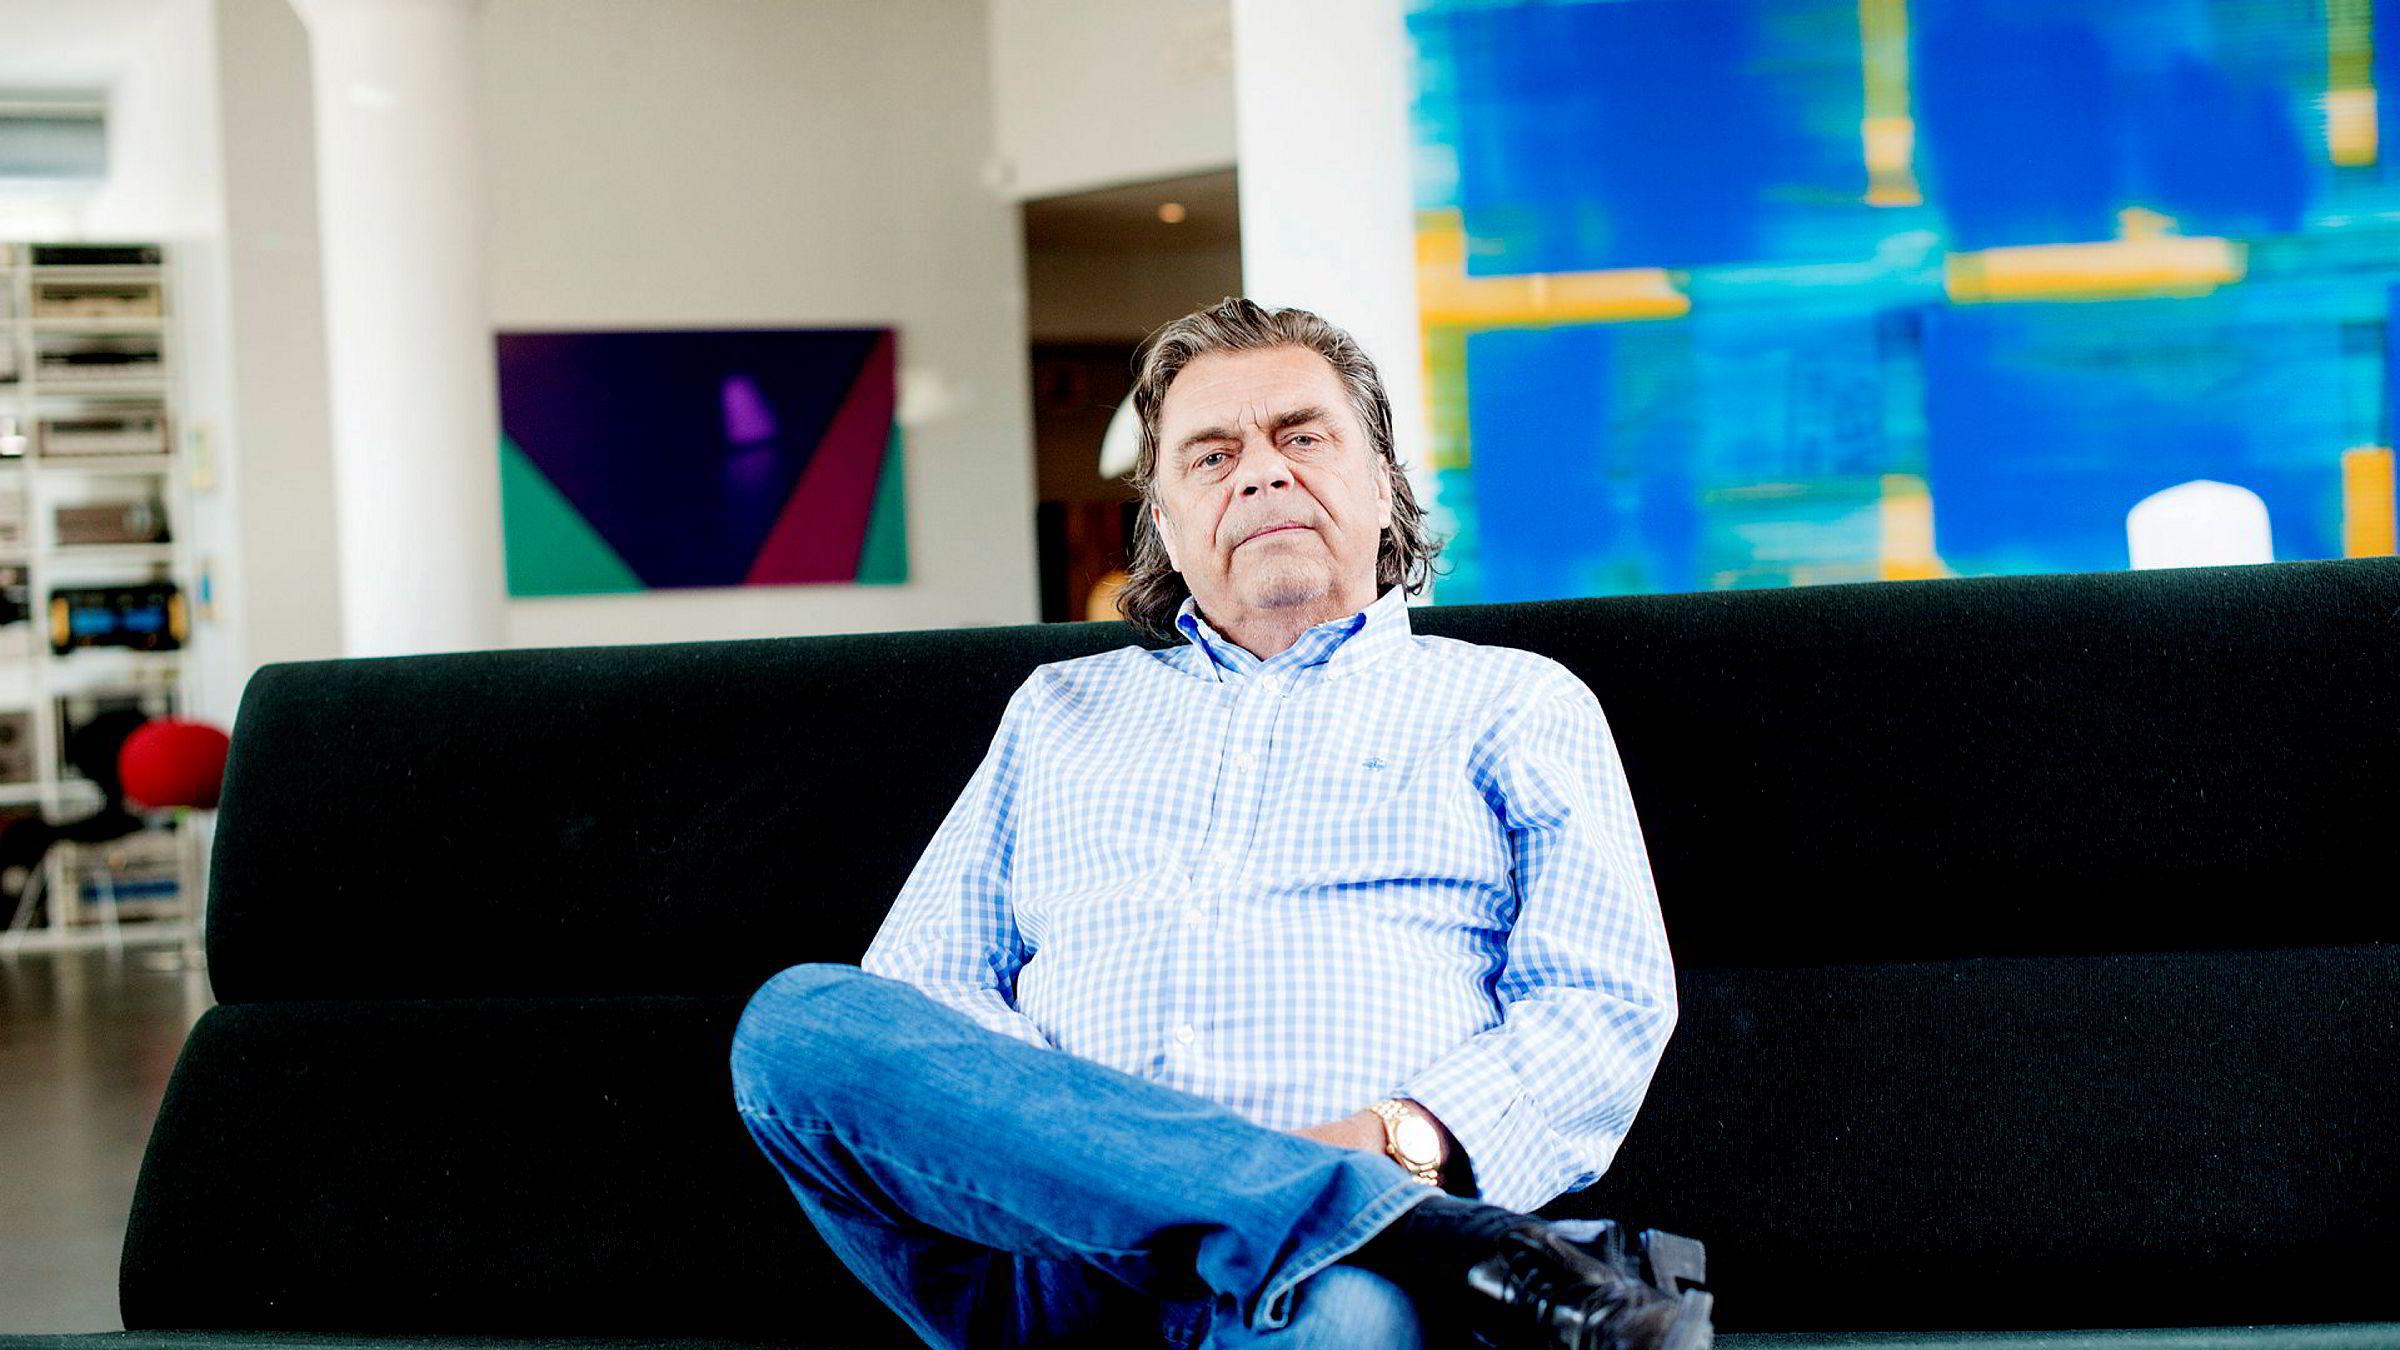 Erling Neby har tapt over halvparten av papirverdien på porteføljen sin. Hadde han hatt likviditeten til det ville han likevel kjøpt mer aksjer.